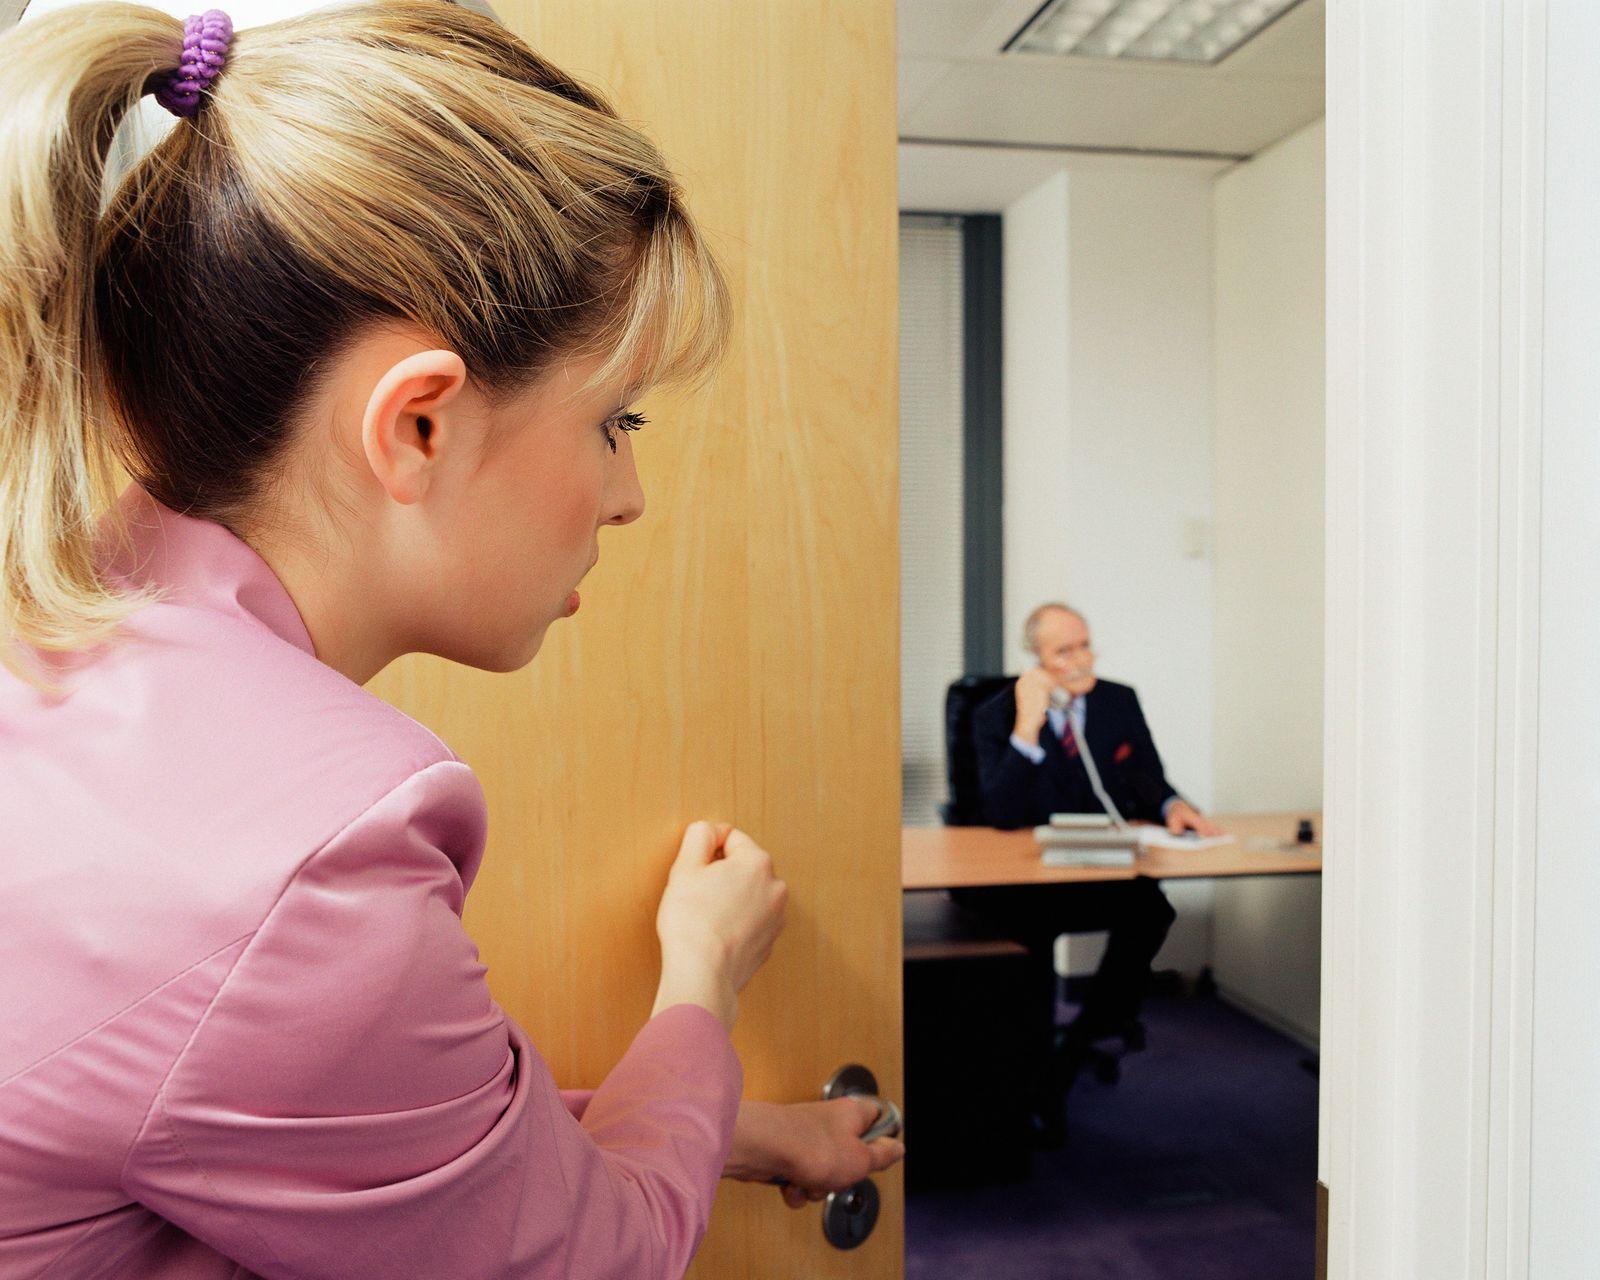 NICHT MEHR VERWENDEN! - Frau Büro anklopfen